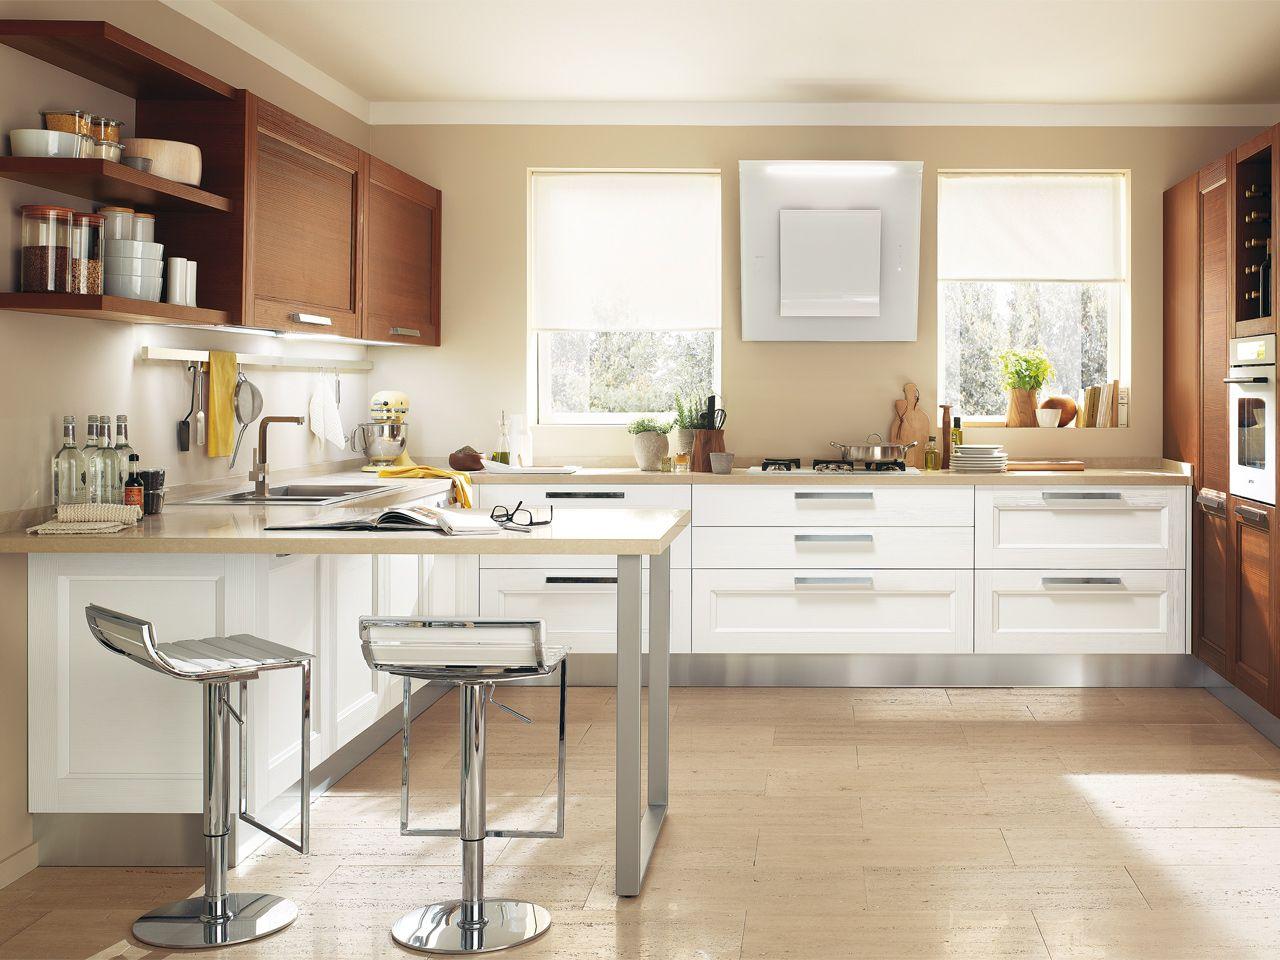 Cucina componibile in legno massello cucina laccata for Cucina legno